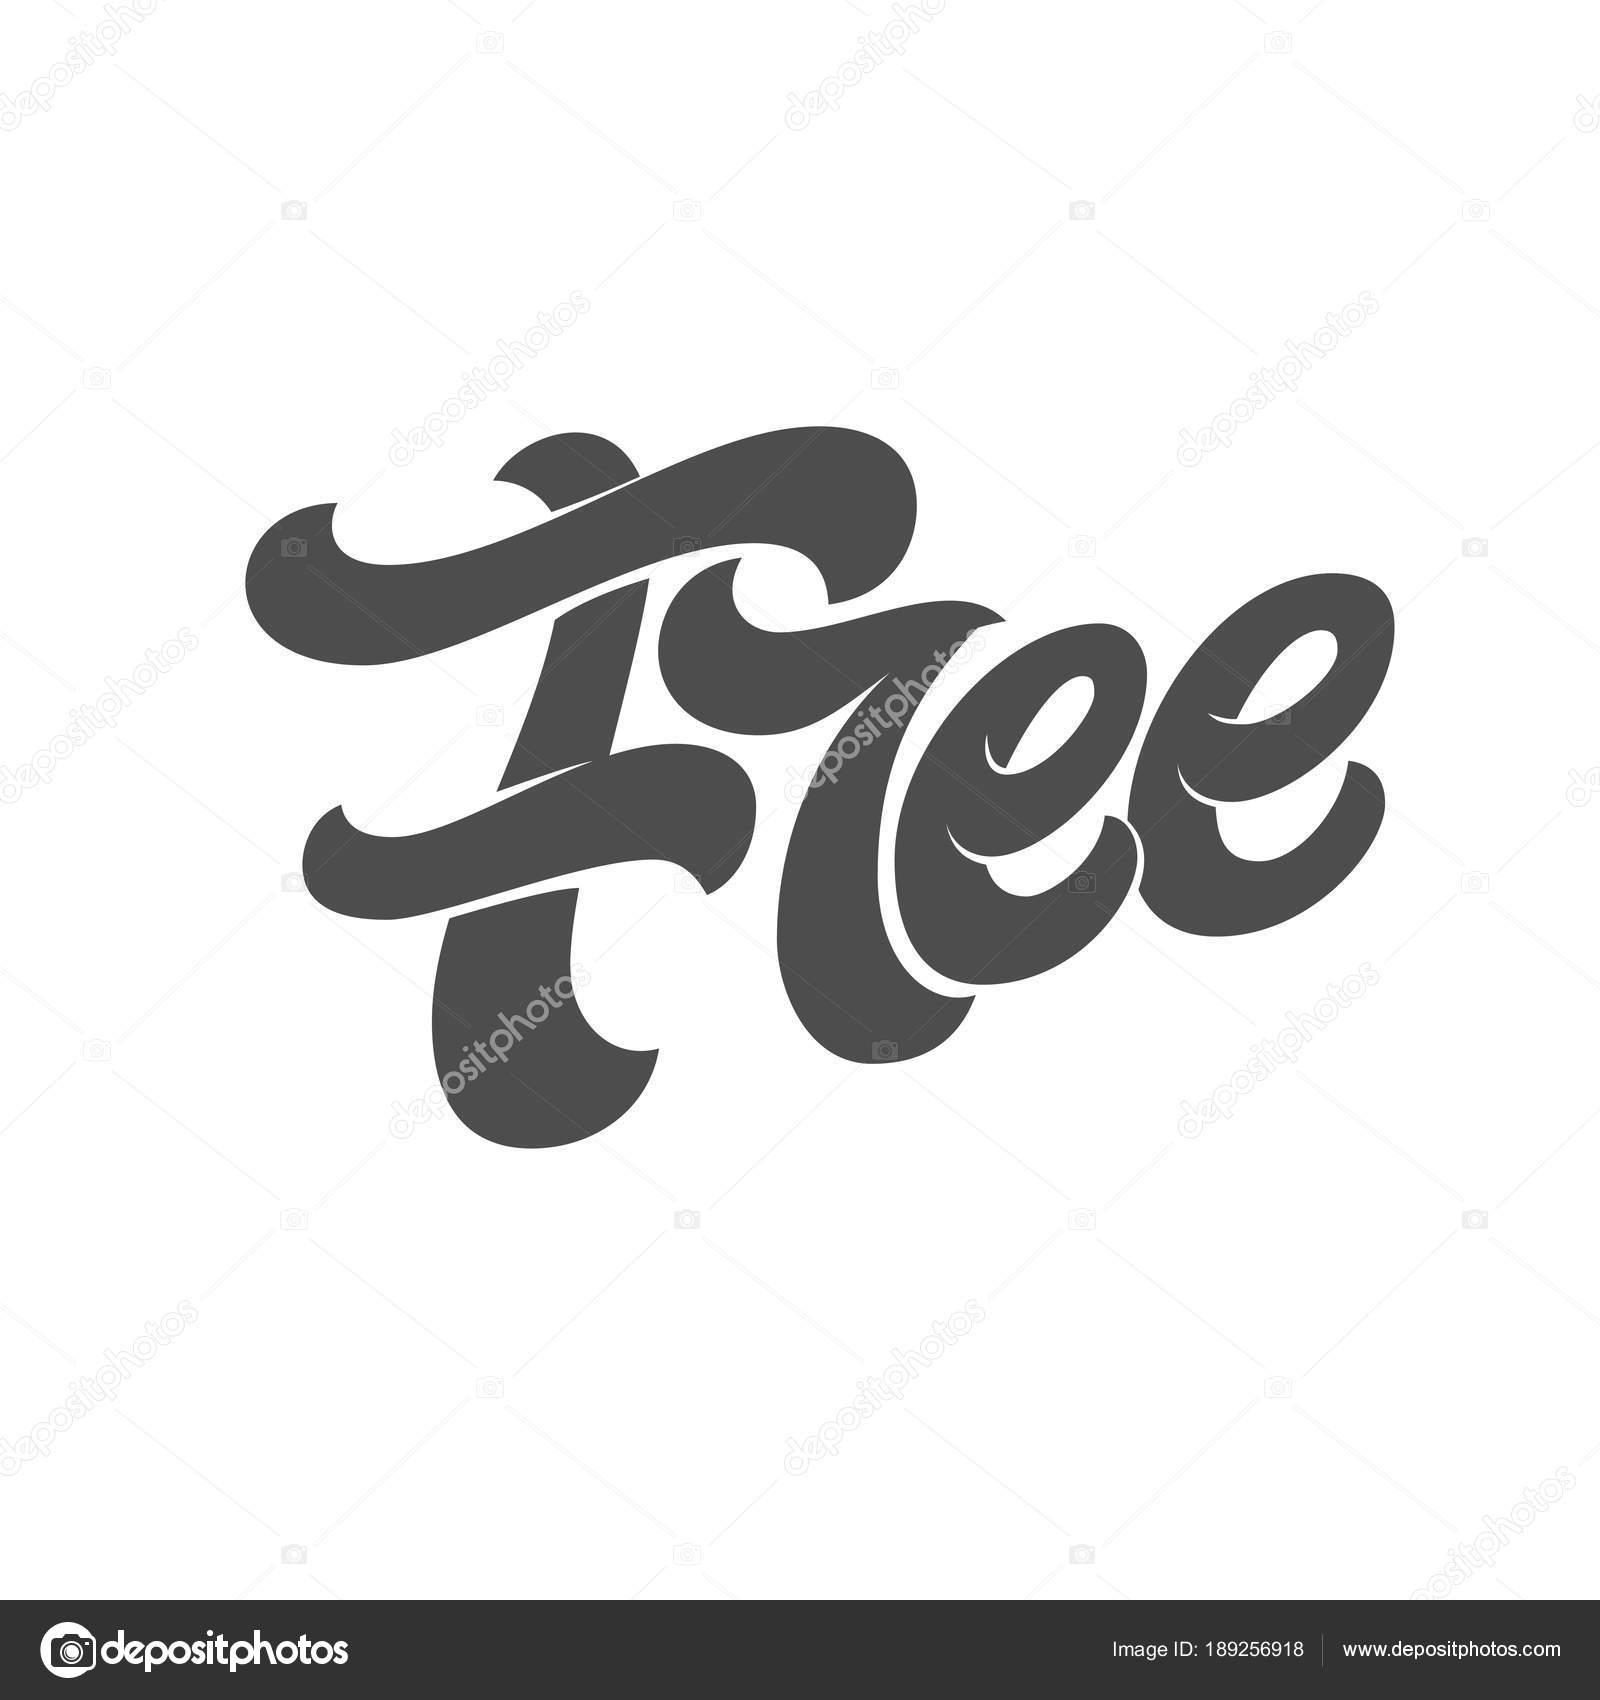 Freie Typografie auf weißem Hintergrund isoliert. Vorlage für Design ...